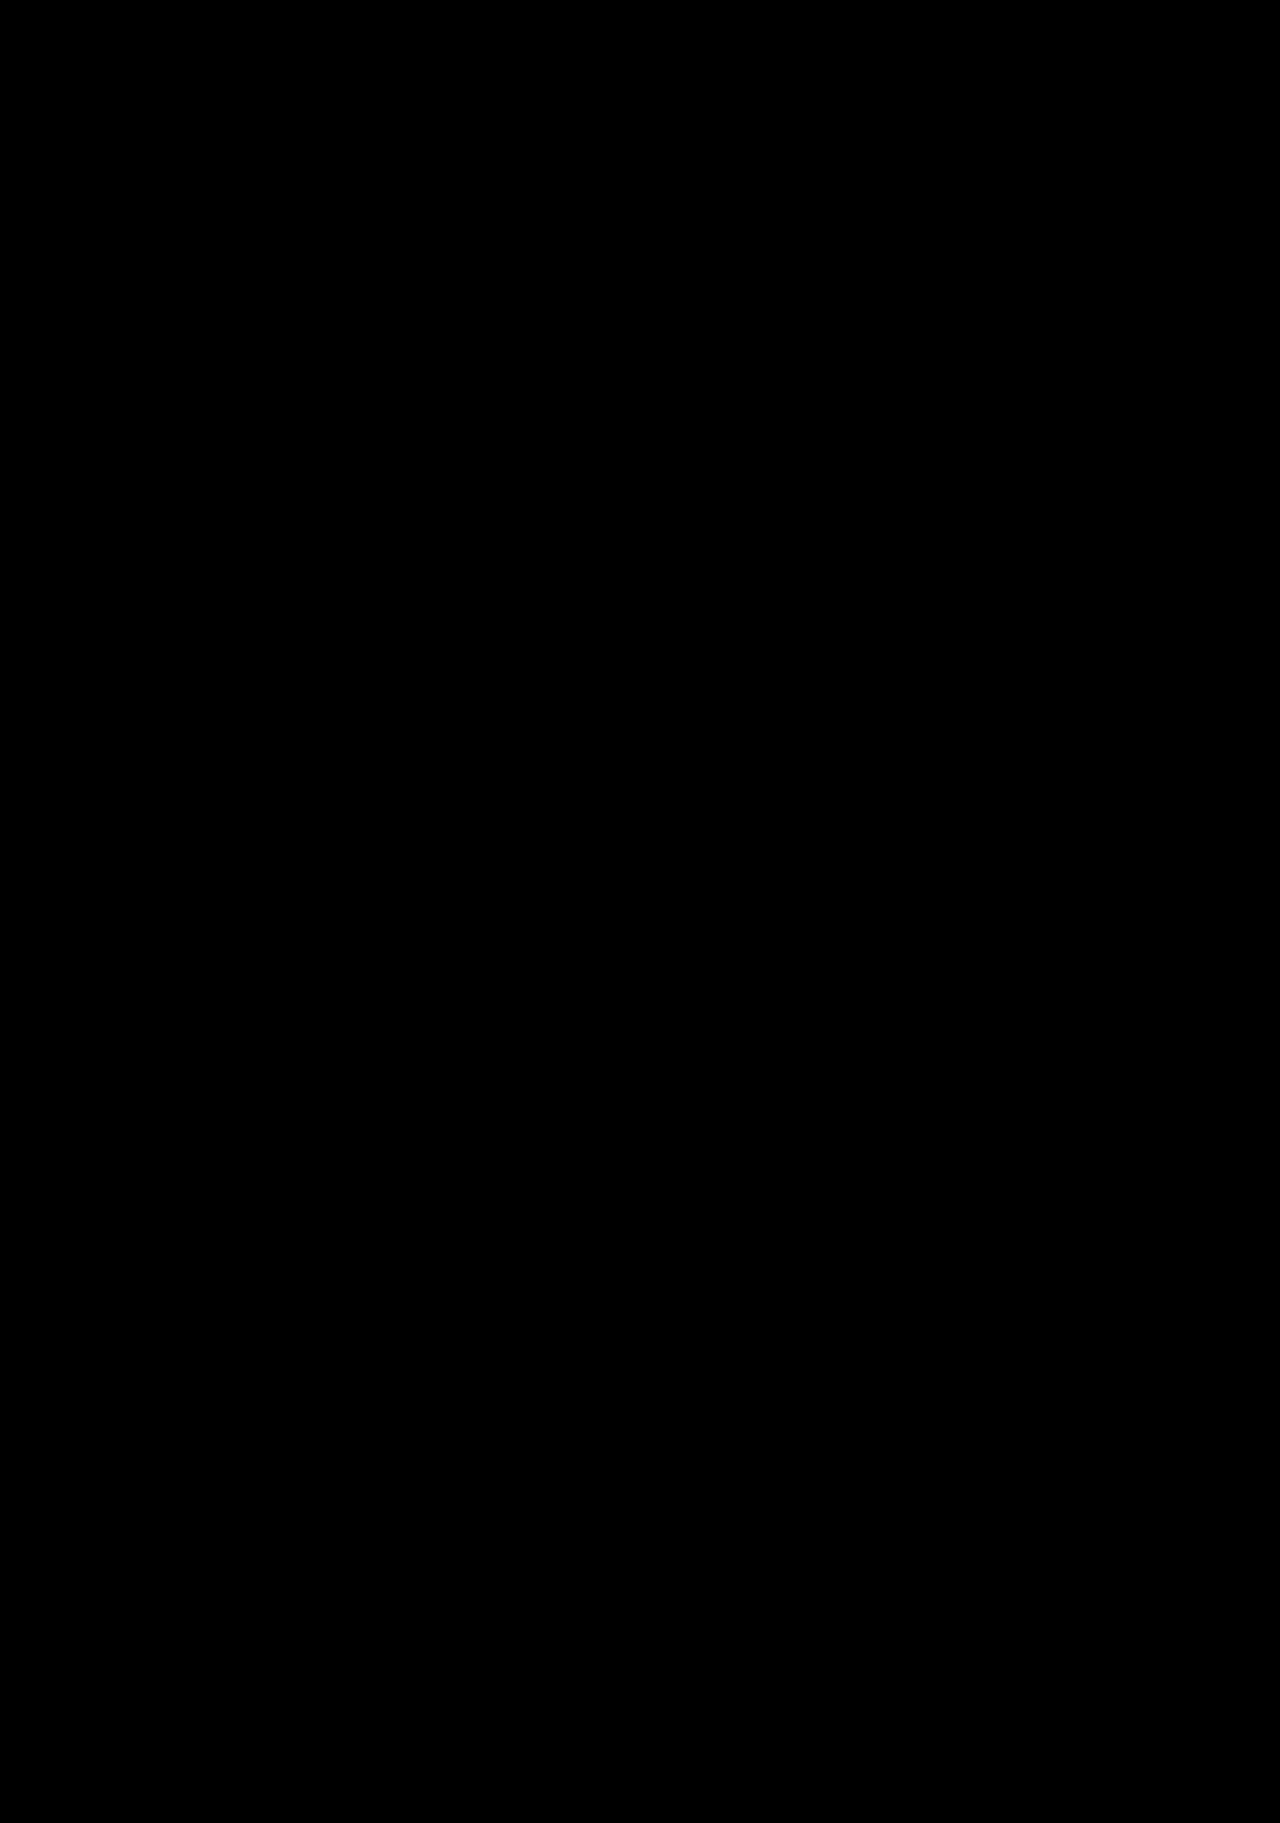 Gochidou-sama deshita. 14